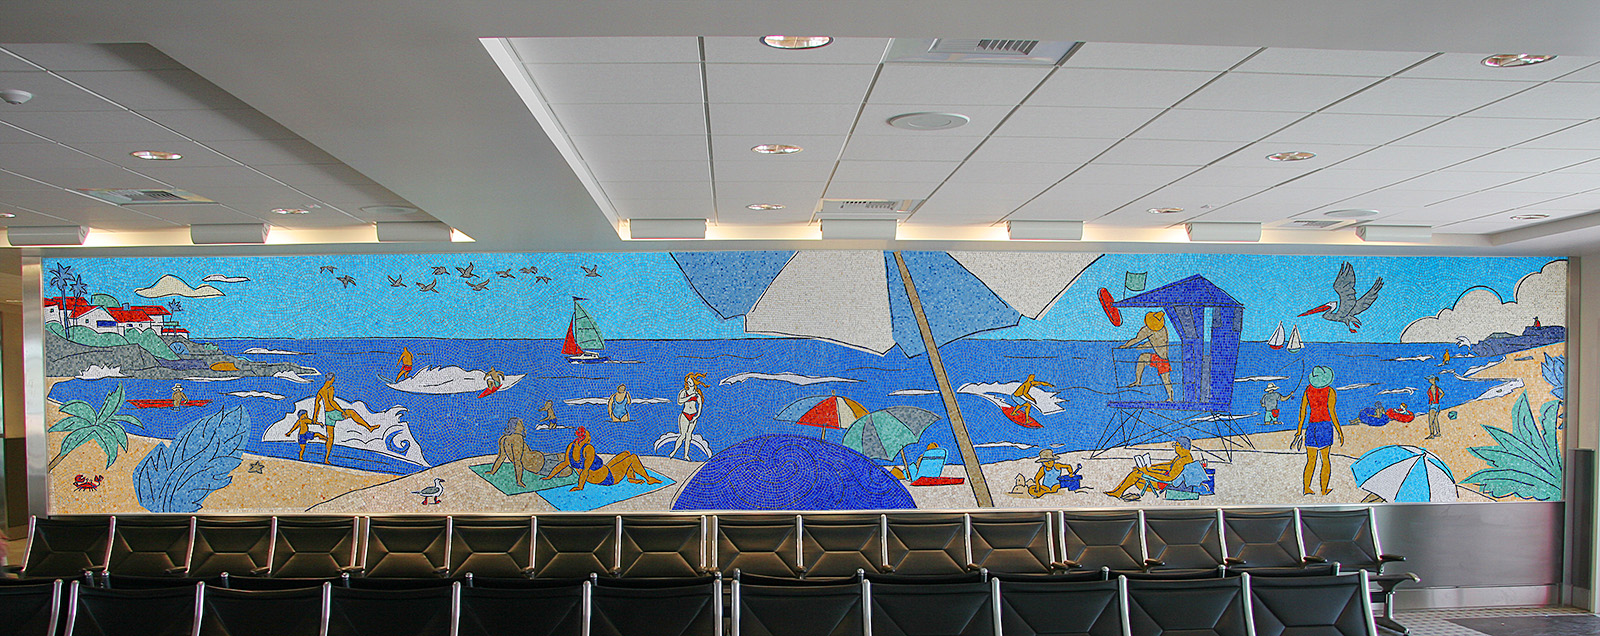 A Day at the Beach Mosaic Mural